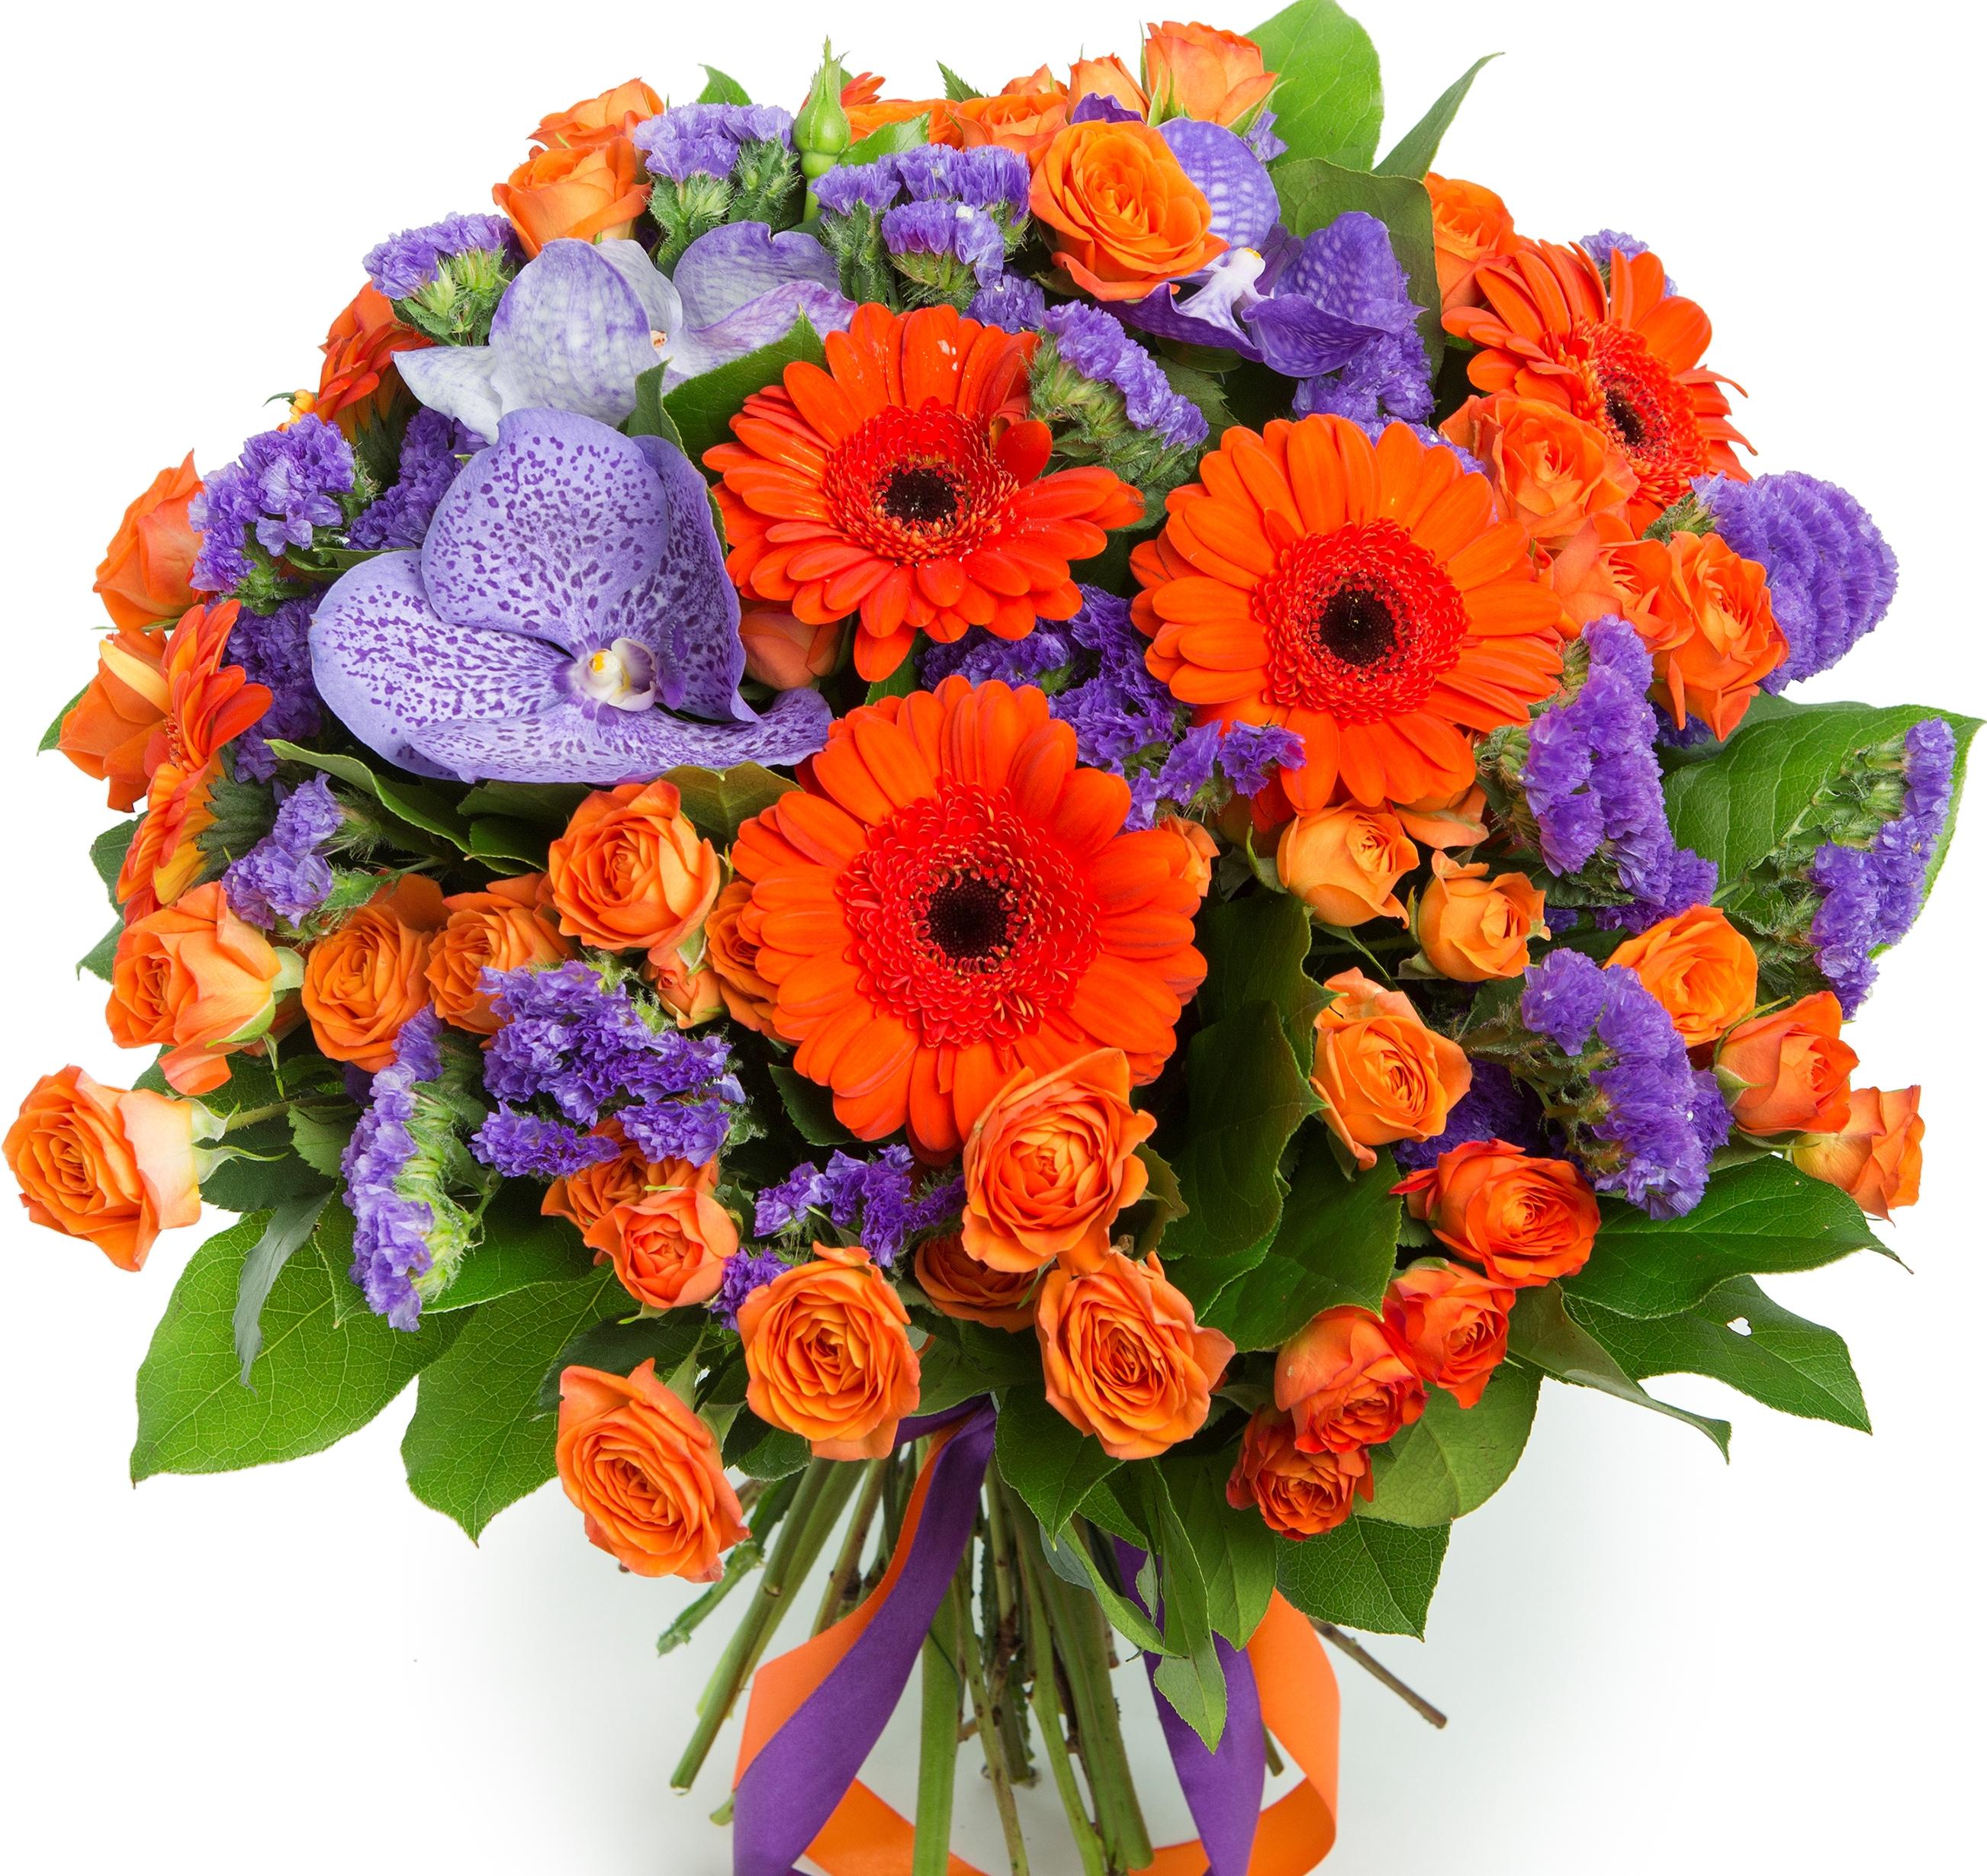 цветочные букеты картинки погода, целебный горный